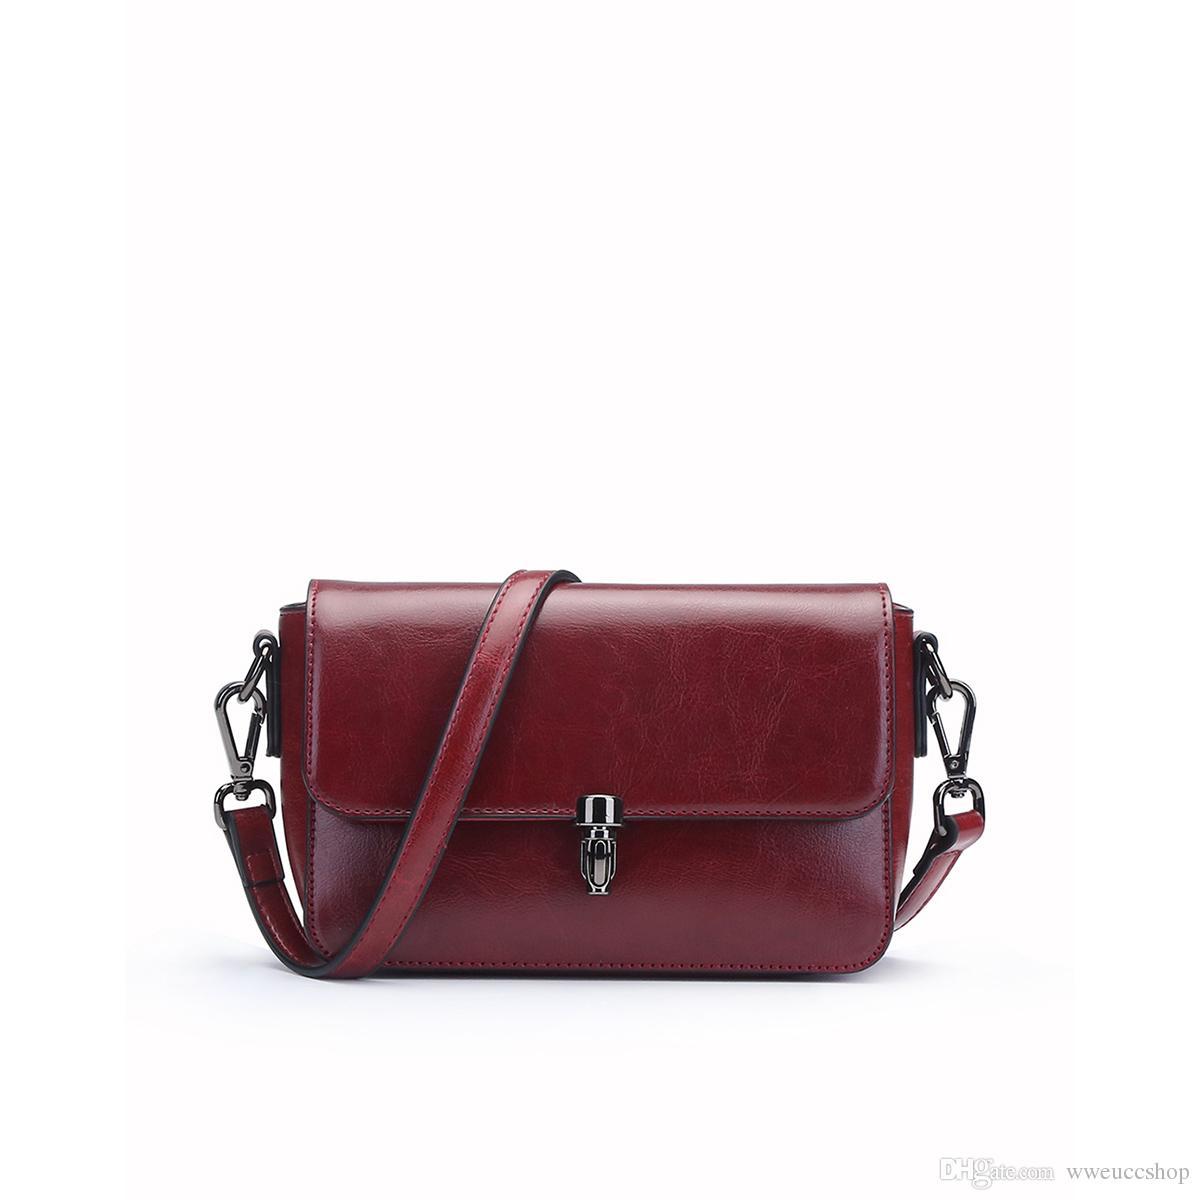 39730e41f8 Acquista Nuova Borsa A Spalla Femminile Rosso Vino Femminile Diagonale  Croce In Pelle Retrò Piccola Borsa Quadrata Moda Donna Messenger Bag  Portatile A ...